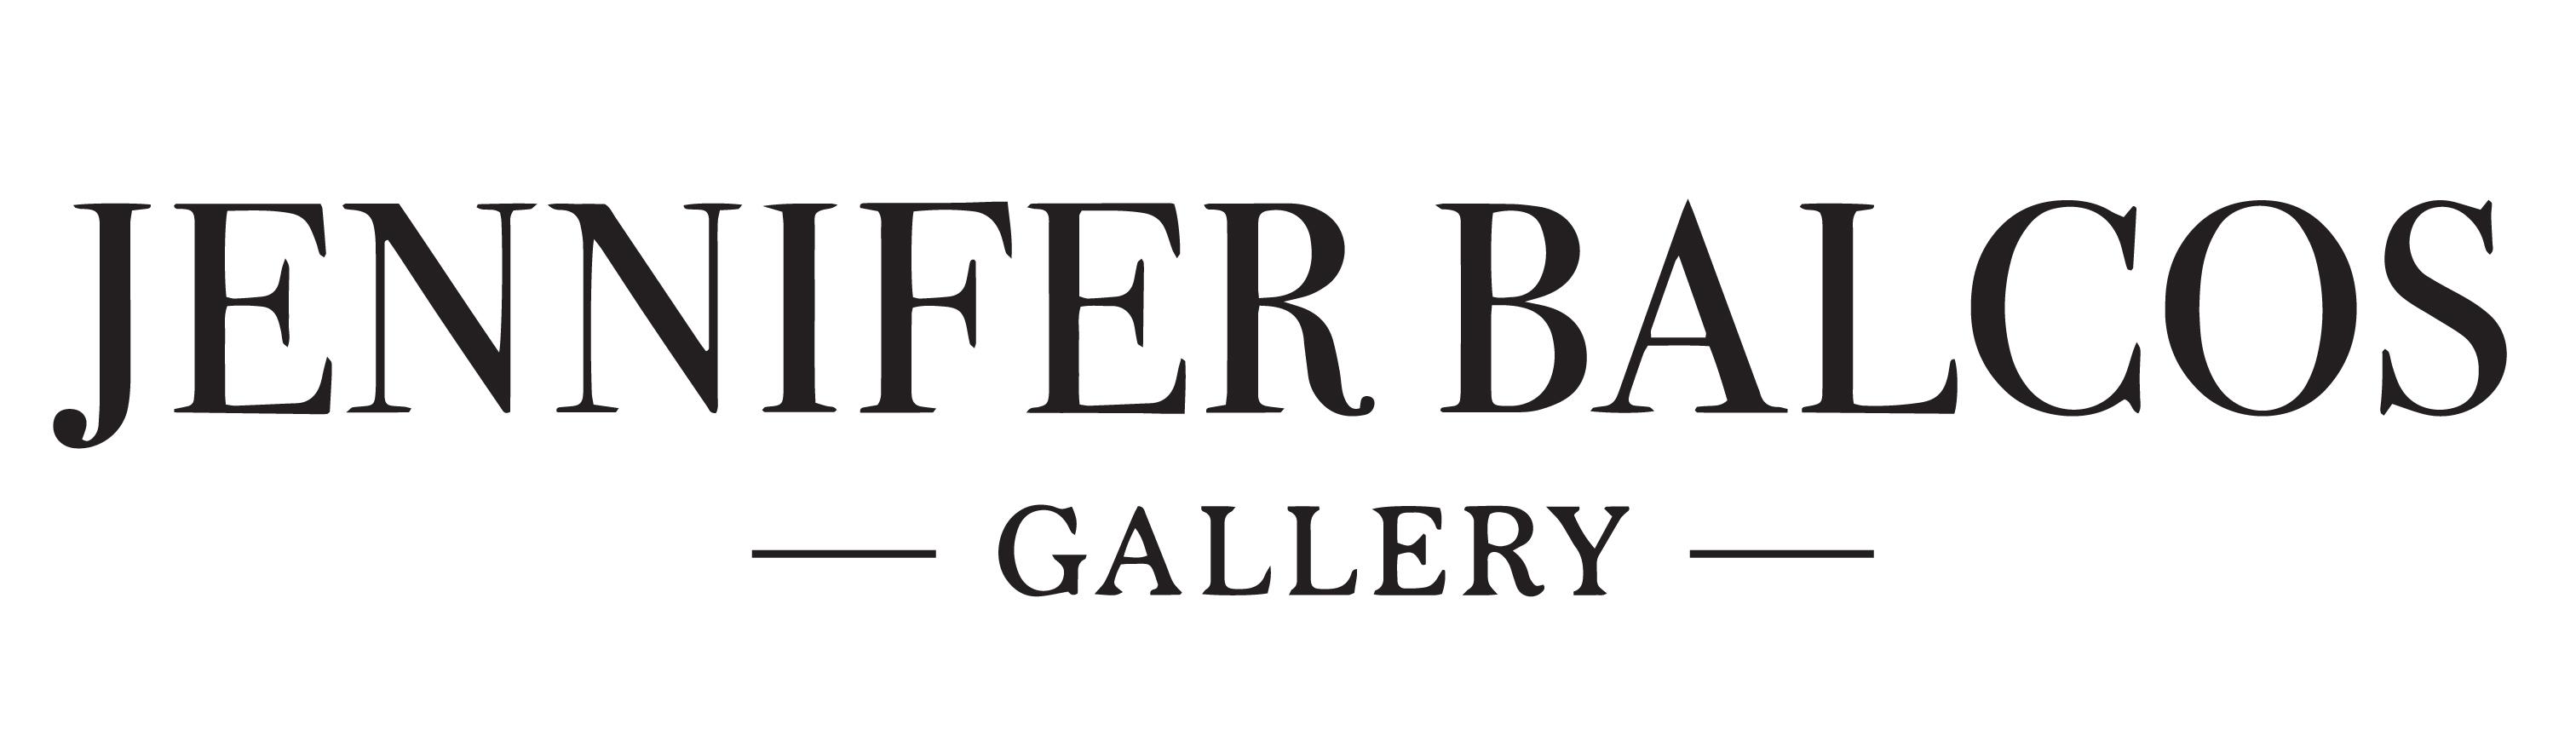 Jennifer Balcos Gallery